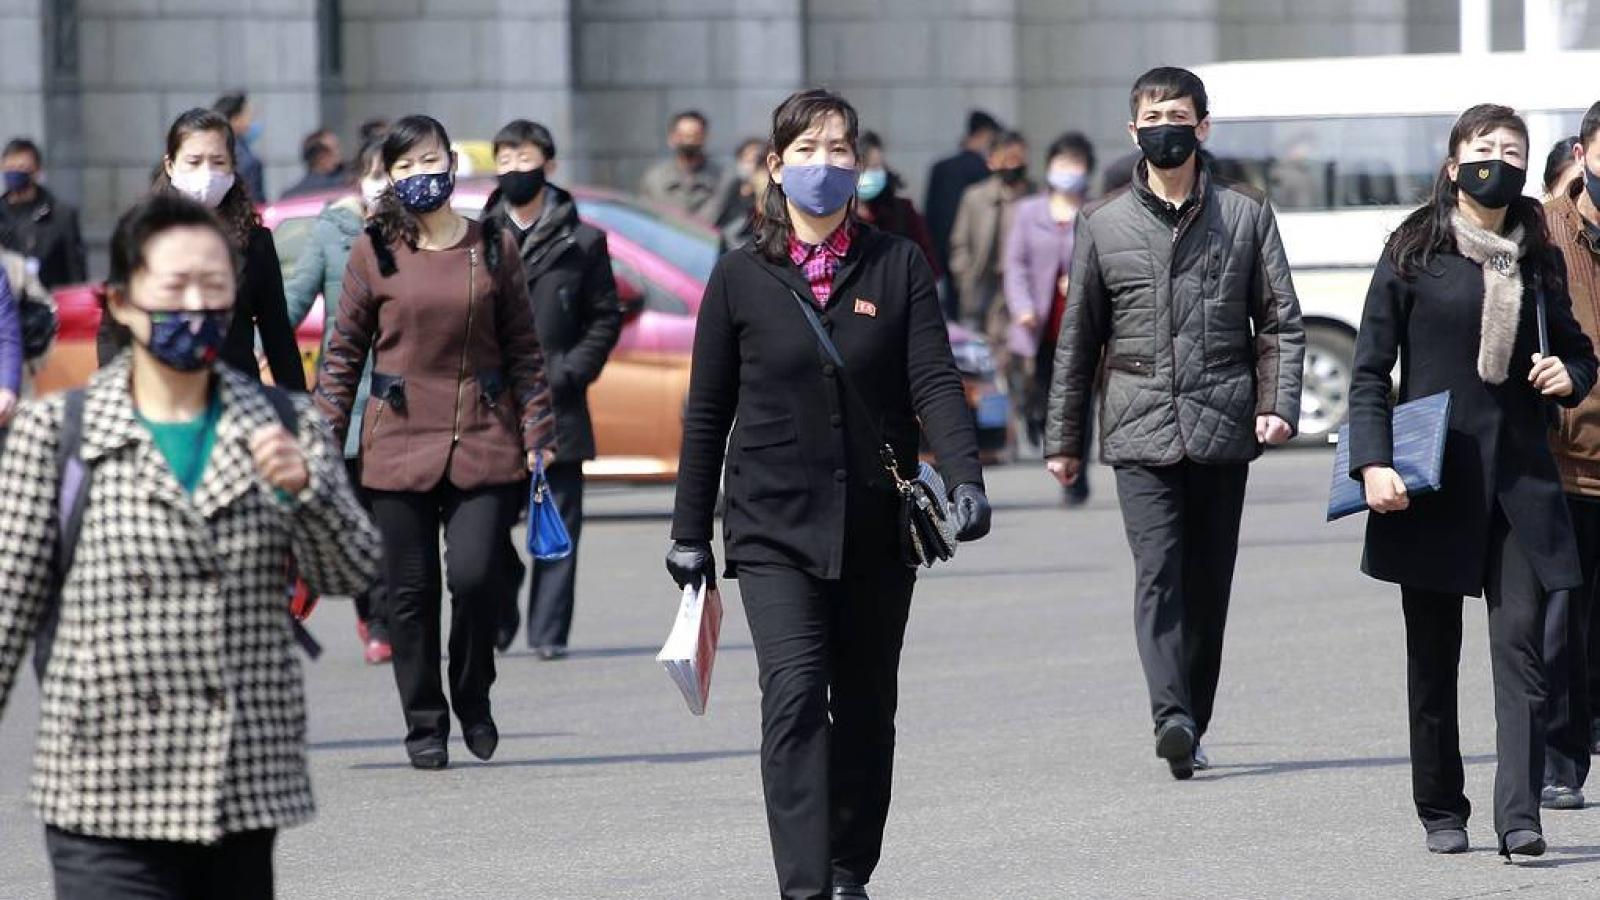 Triều Tiên tiếp tục từ chối viện trợ nước ngoài